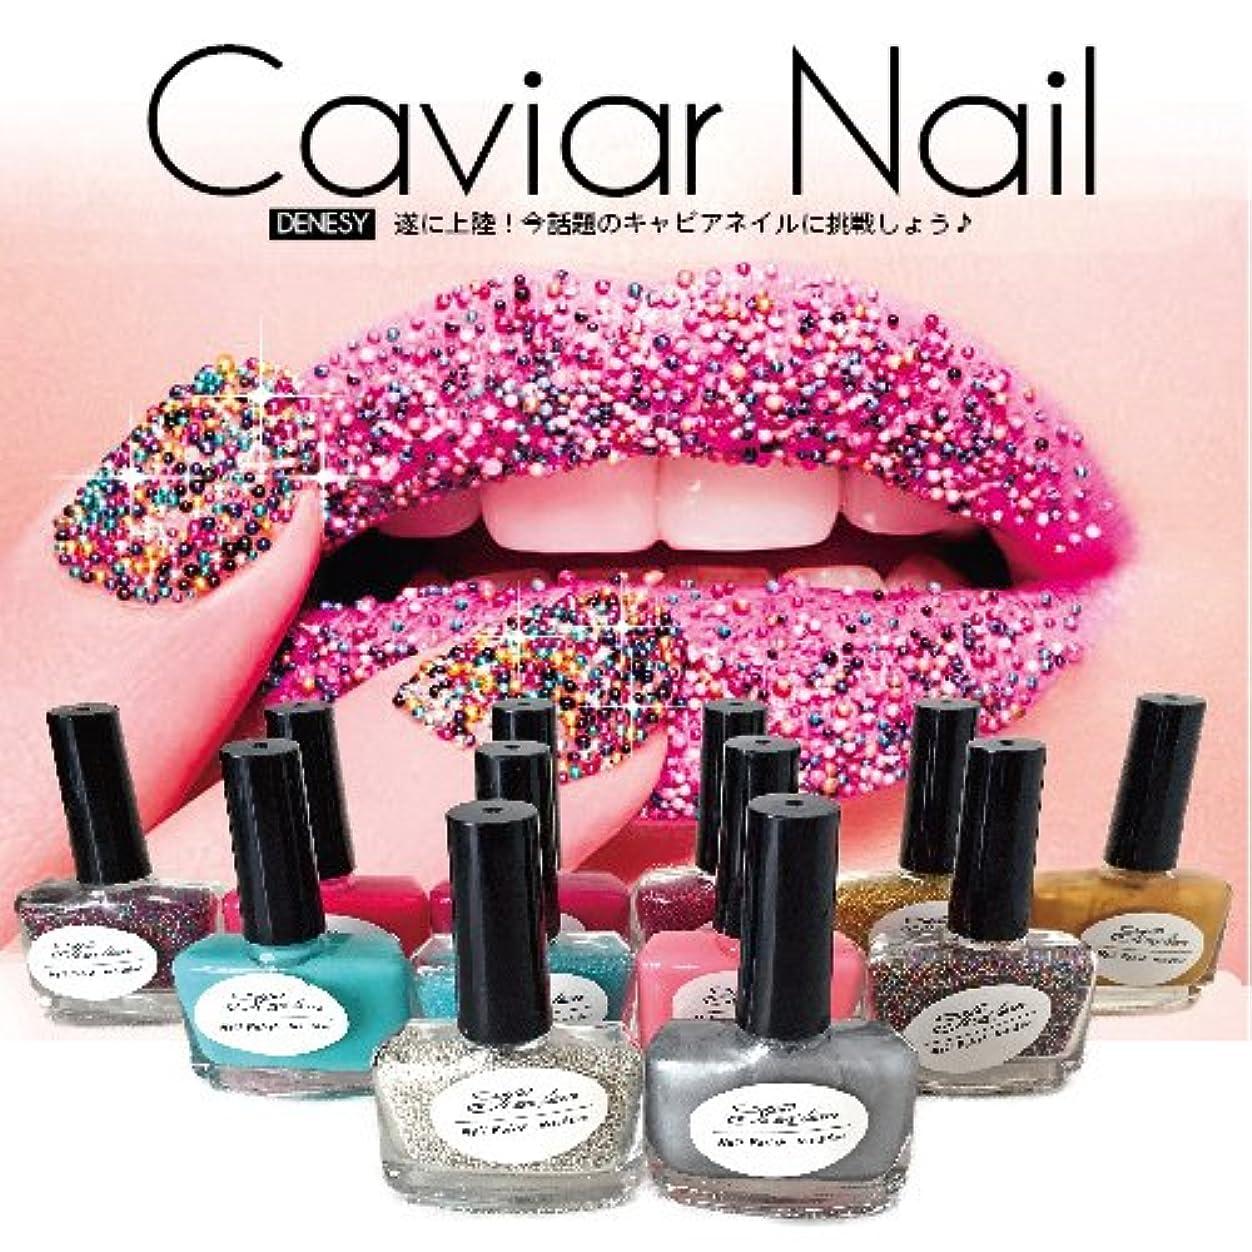 錆び退化する無駄キャビアネイル DENESY Caviar Nail (3点セット)NEWリニューアル 08:グリーン [マニキュア ネイルカラー ネイルポリッシュ SHANTI Caviar Manicure kit]